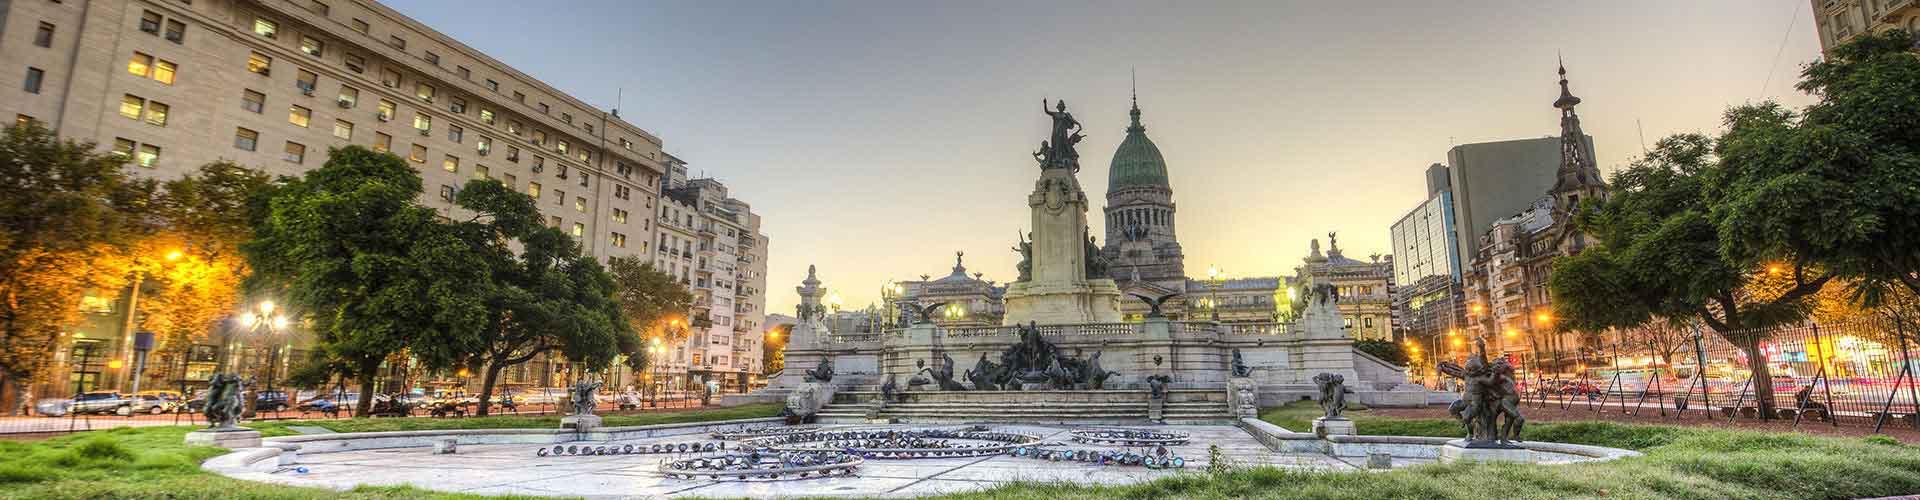 Buenos Aires - Hotelek Buenos Aires. Buenos Aires térképek, fotók és ajánlások minden egyes Buenos Aires hotelről.